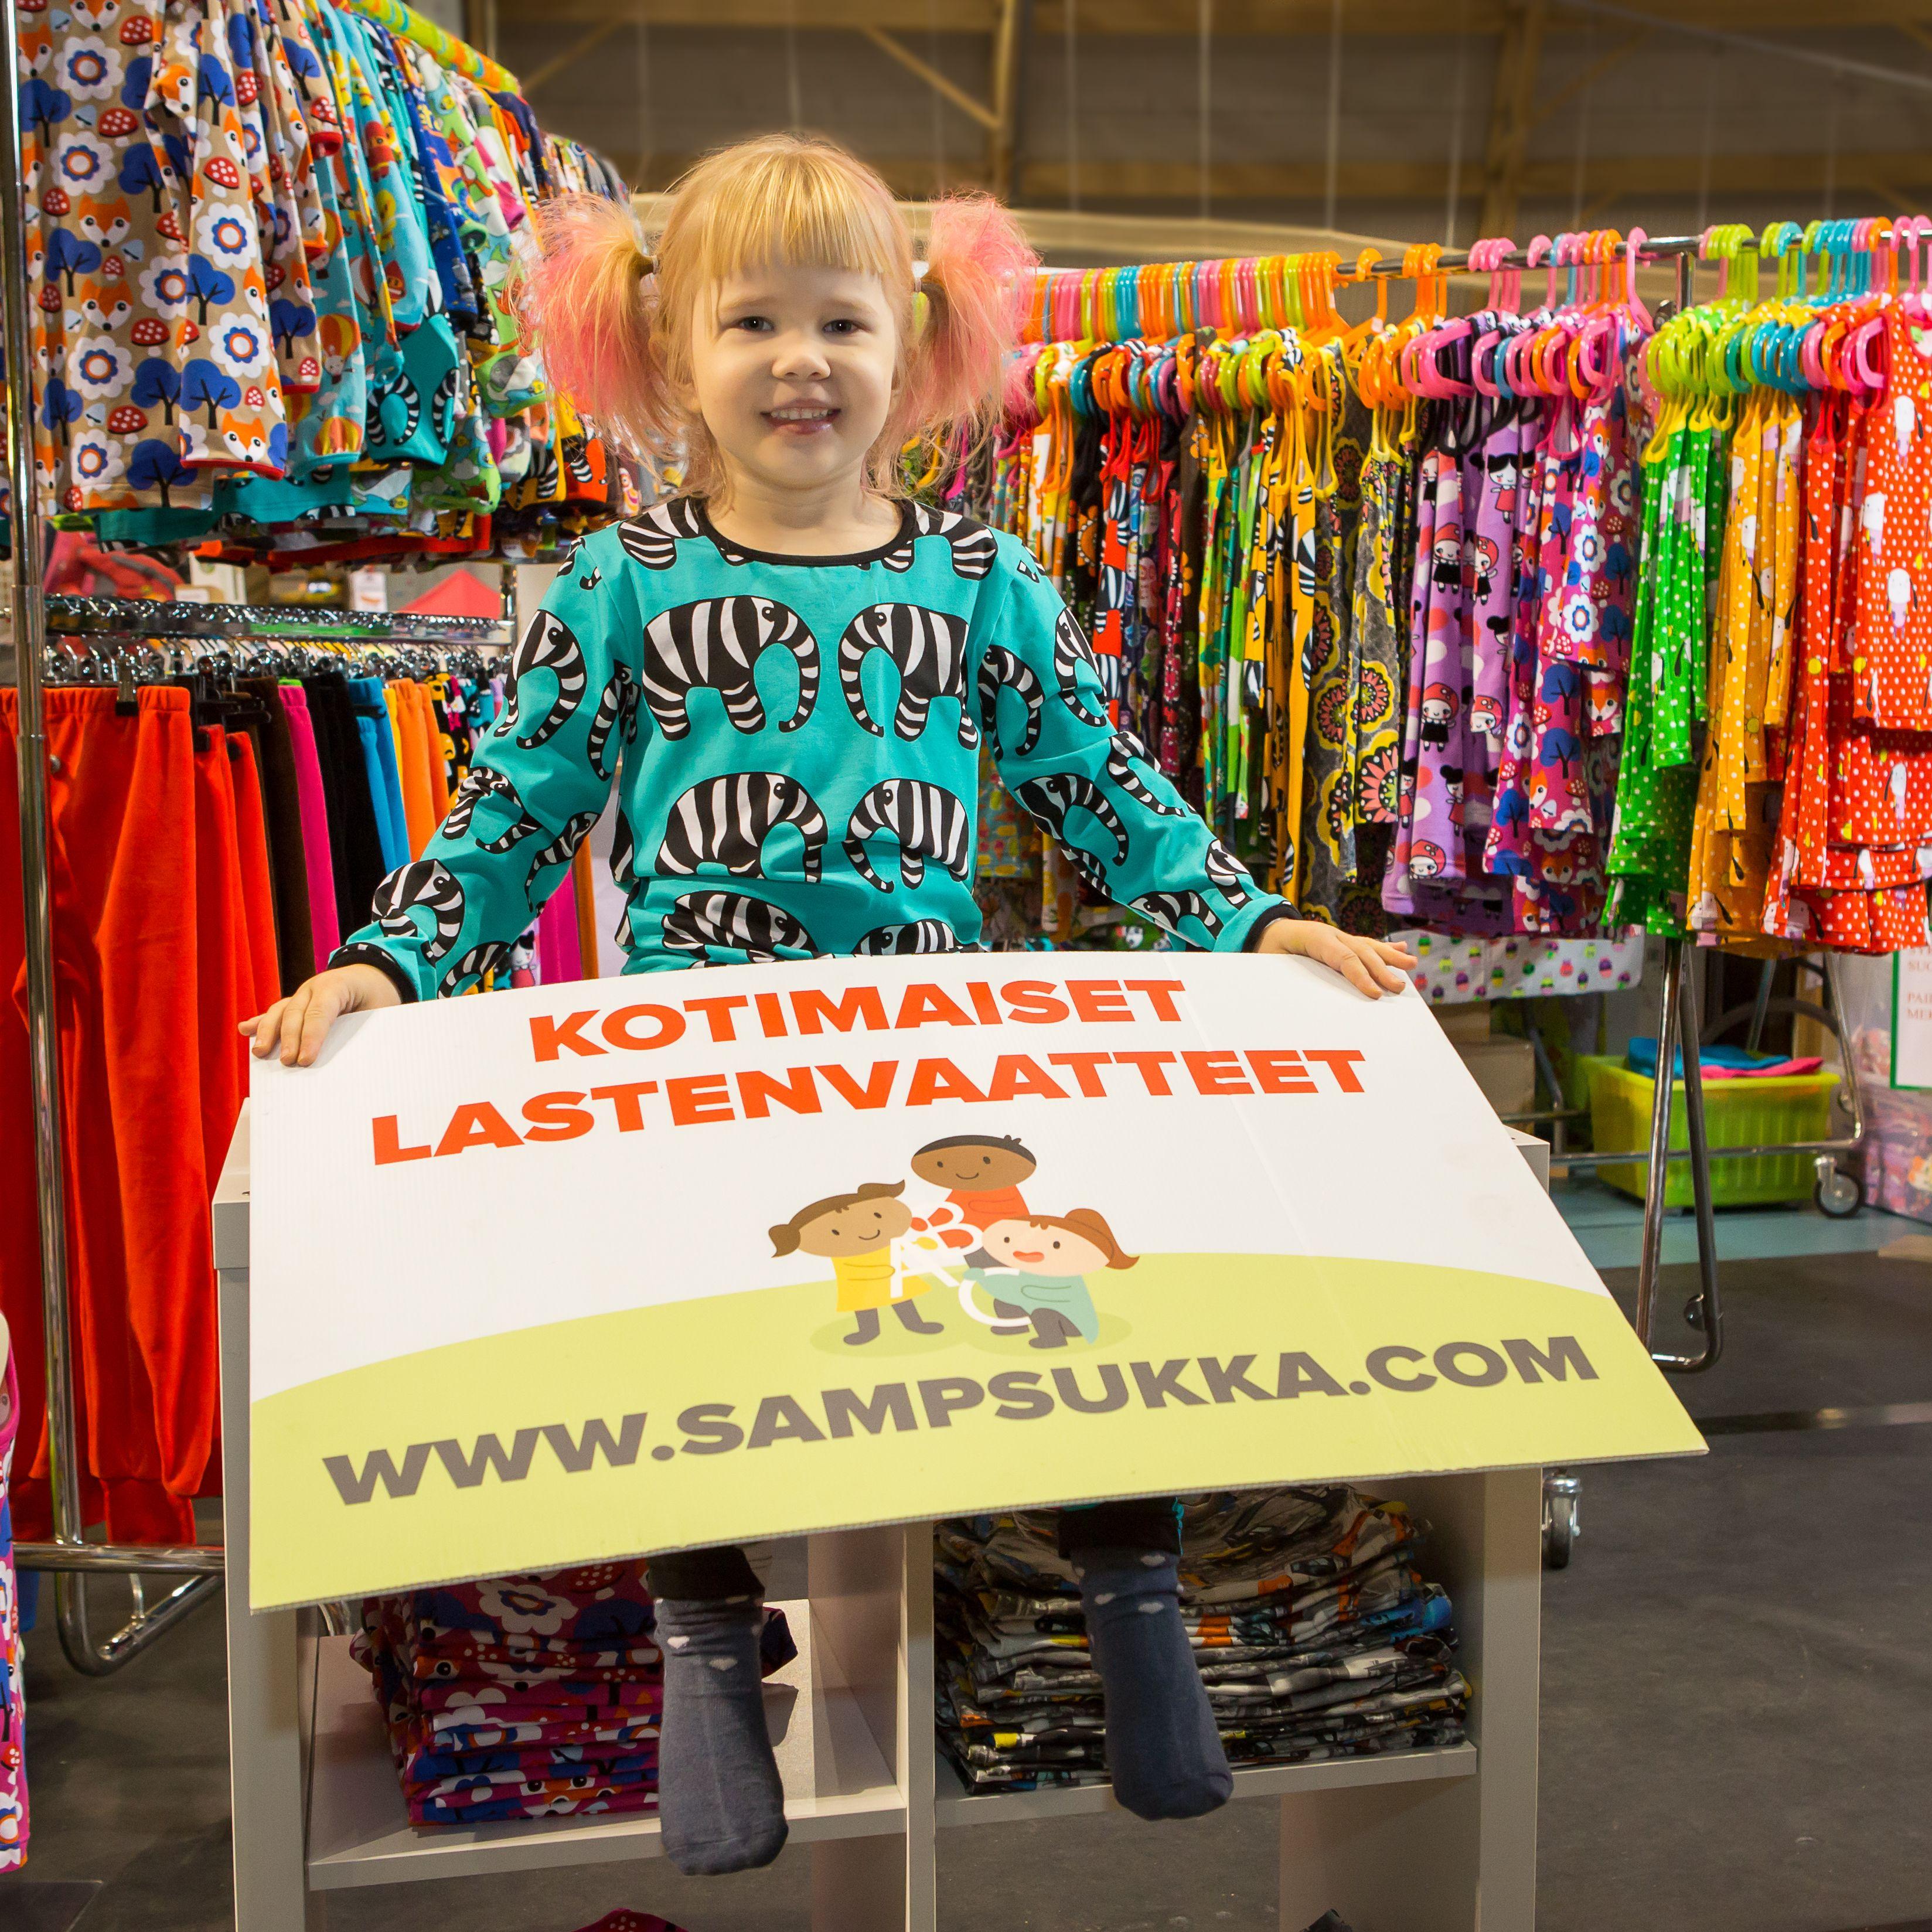 Pitkähihainen paita, Seepranorsu turkoosi http://www.sampsukka.com/pitkhihainen-paita-seepranorsu-turkoosi-p-6006.html